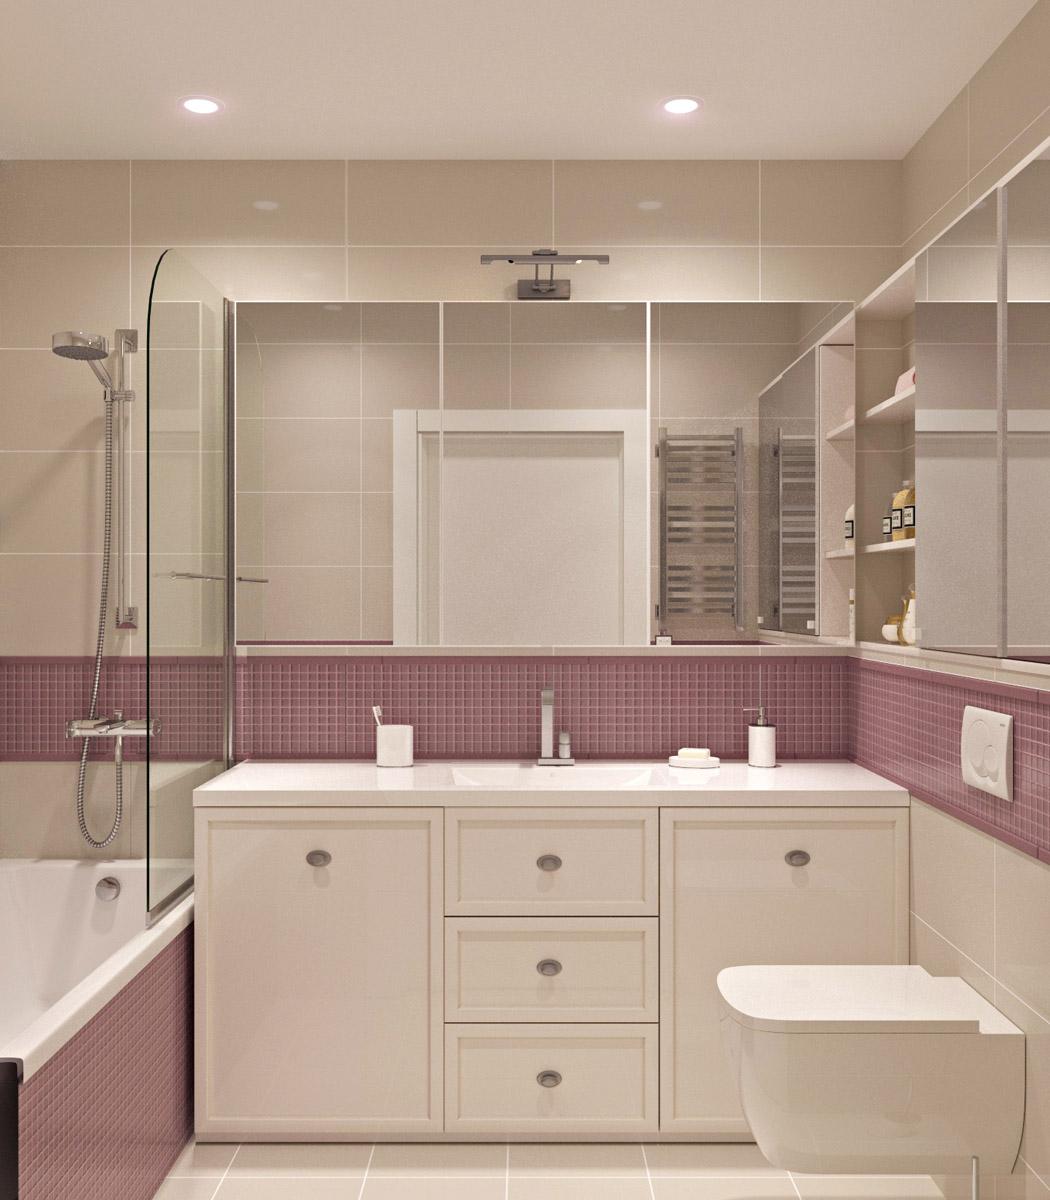 Інтер'єр ванної кімнати | дизайн-проект ЖК «Олімпійський»